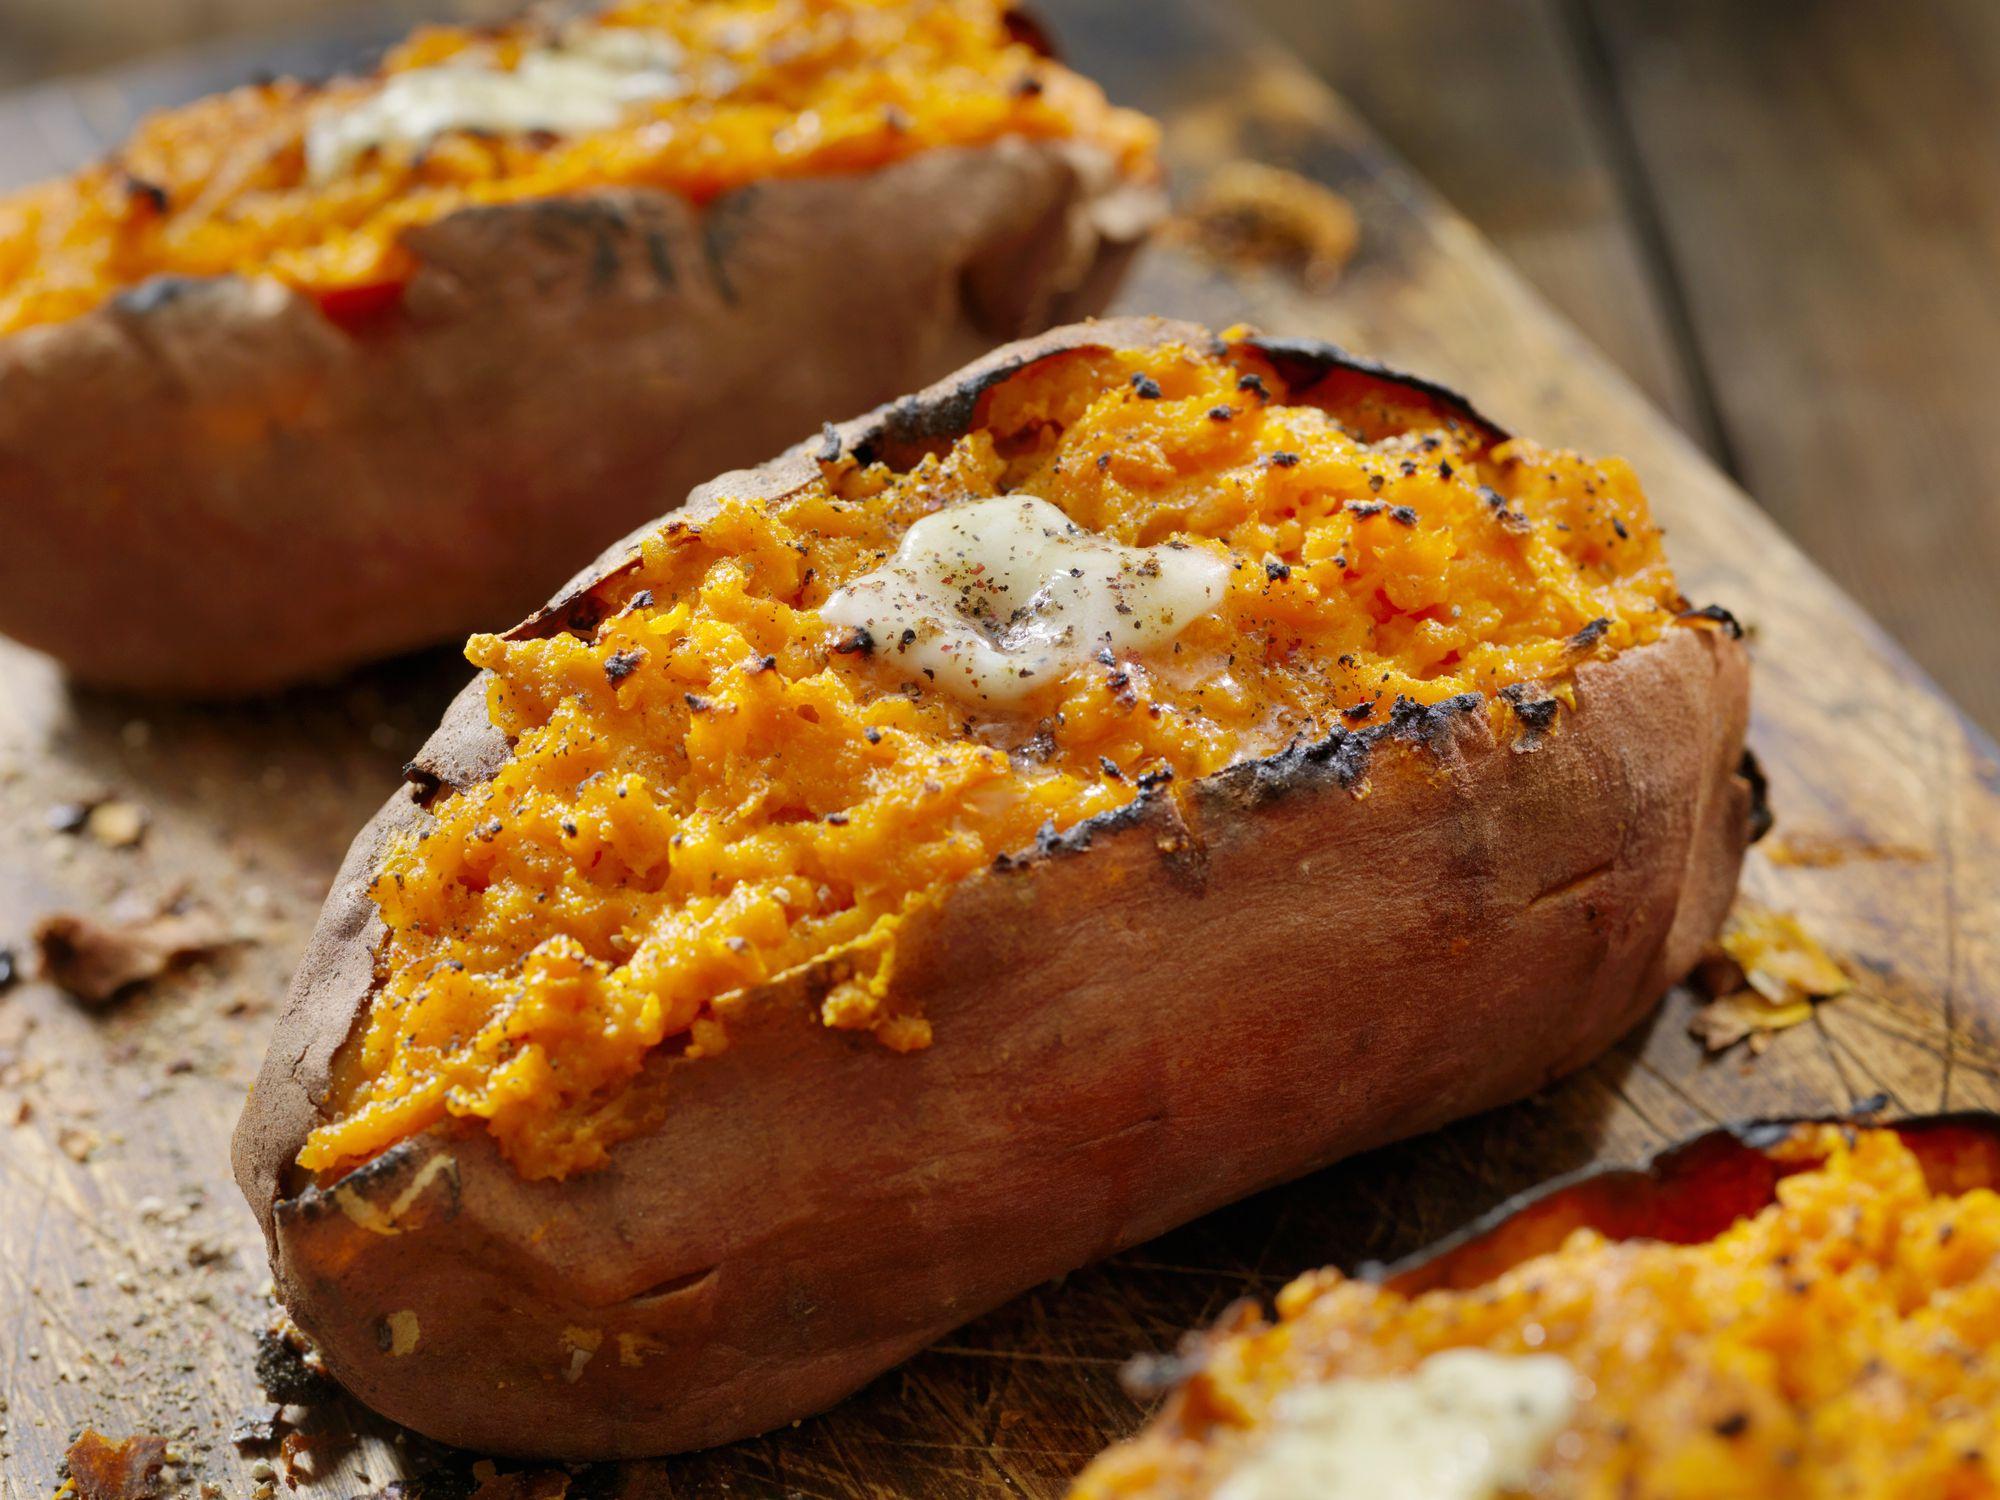 27 نوع من الأطعمة التي تعمل على حرق الدهون لإنقاص الوزن والبقاء بصحة جيدة- بطاطا حلوة